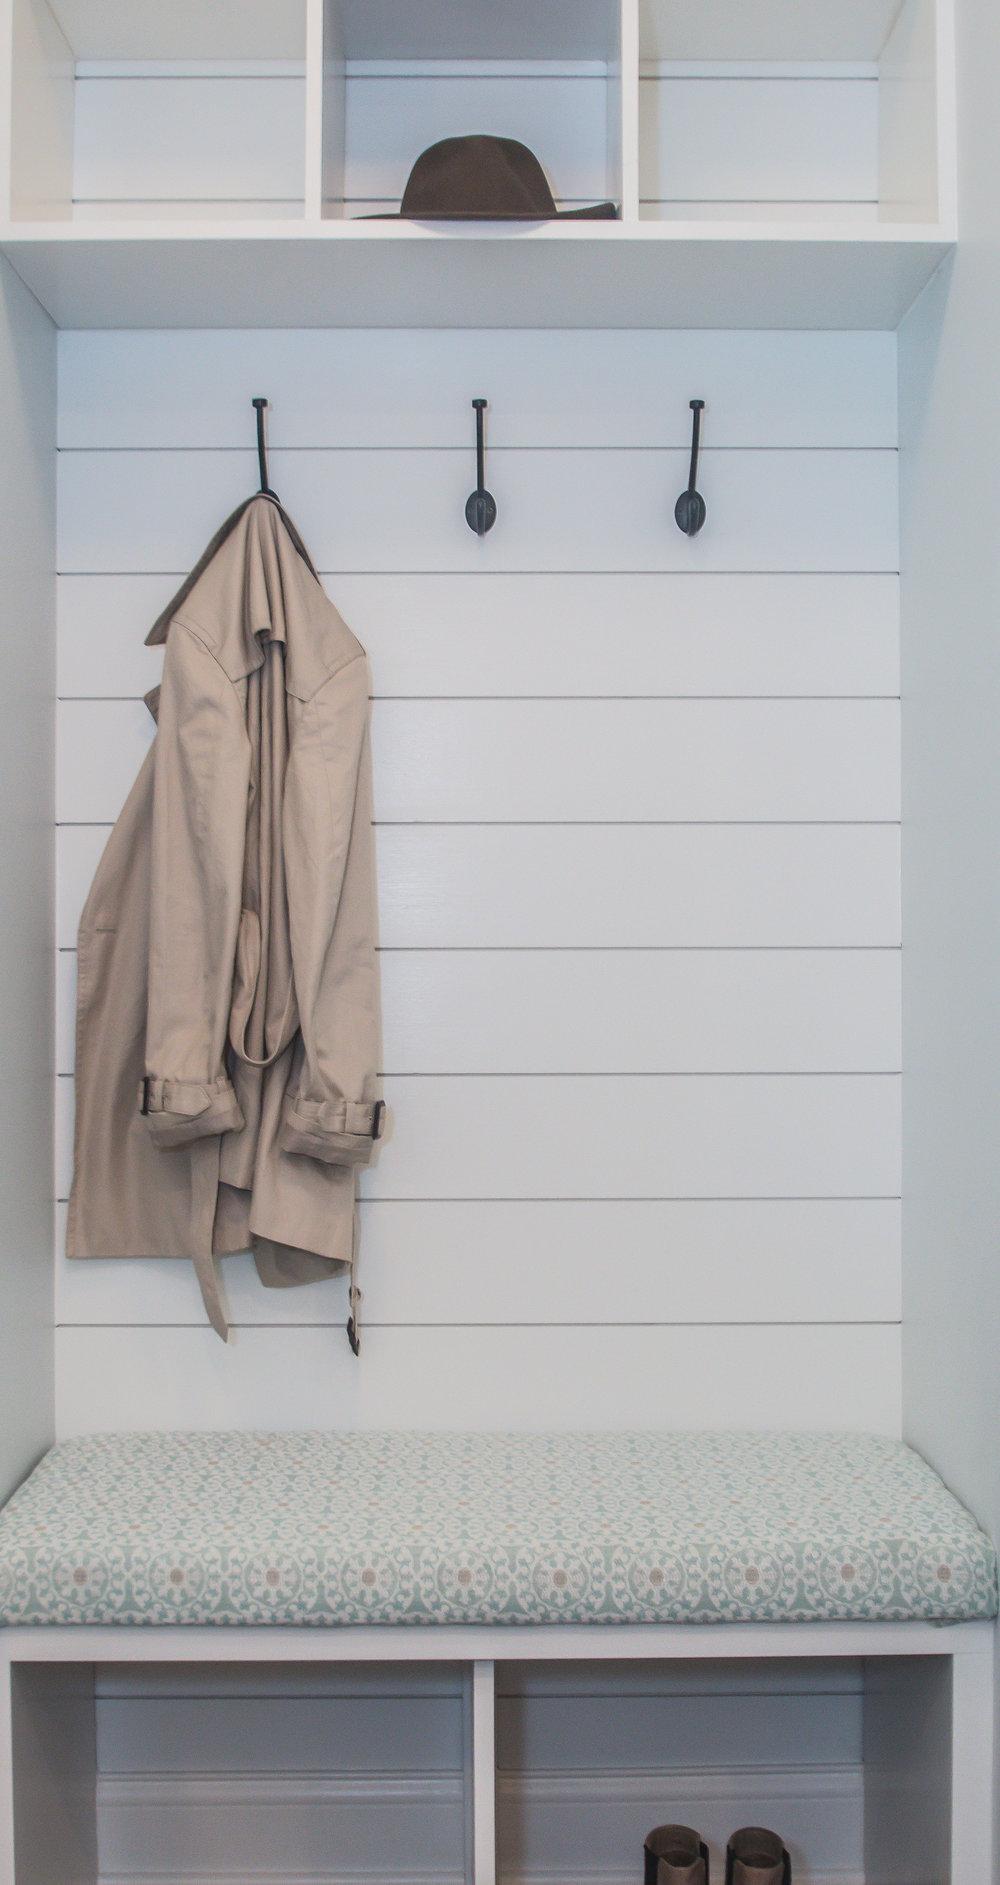 JZID-SheffieldAve-Coat.jpg